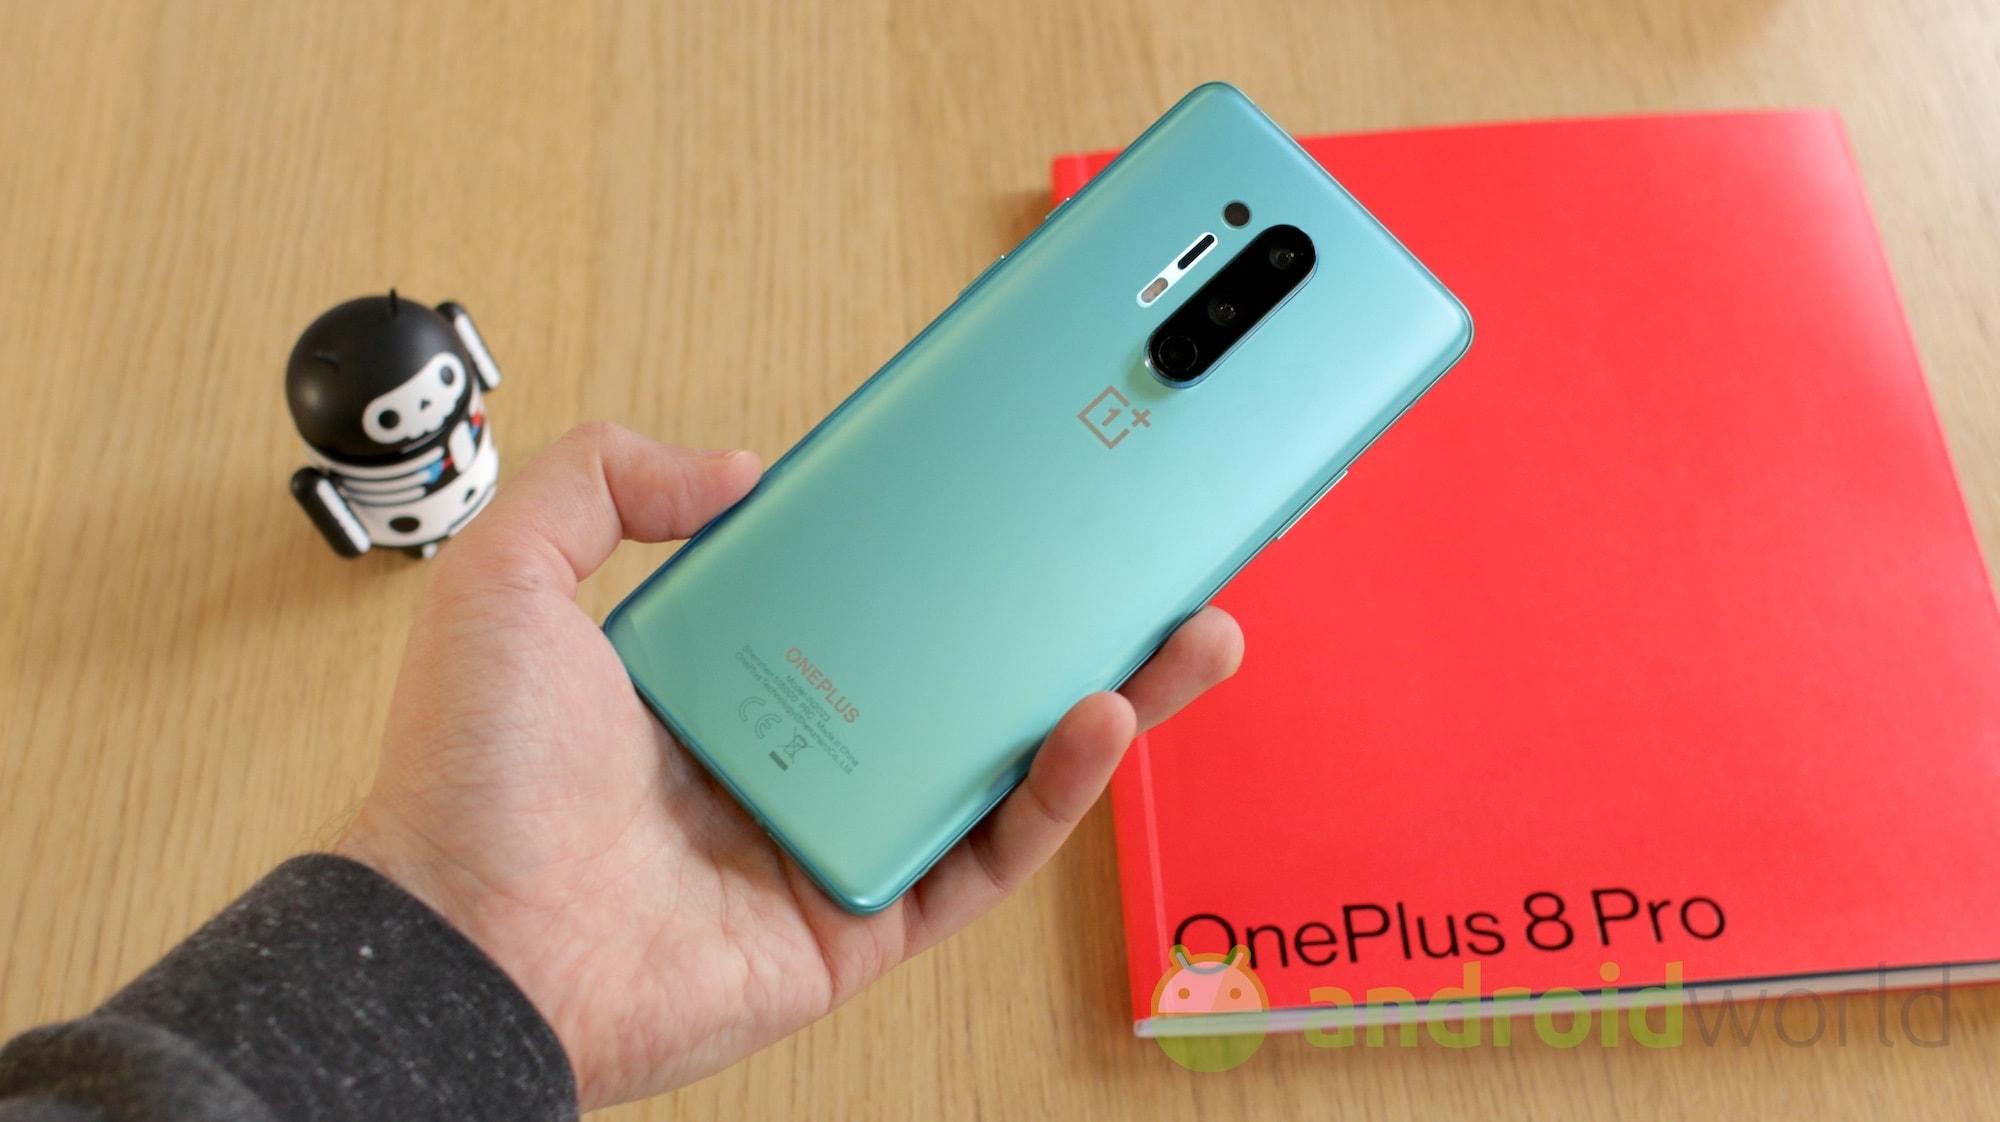 Ecco cosa vi salverà dal brick di OnePlus 8 Pro (aggiornato: anche per OnePlus 8)